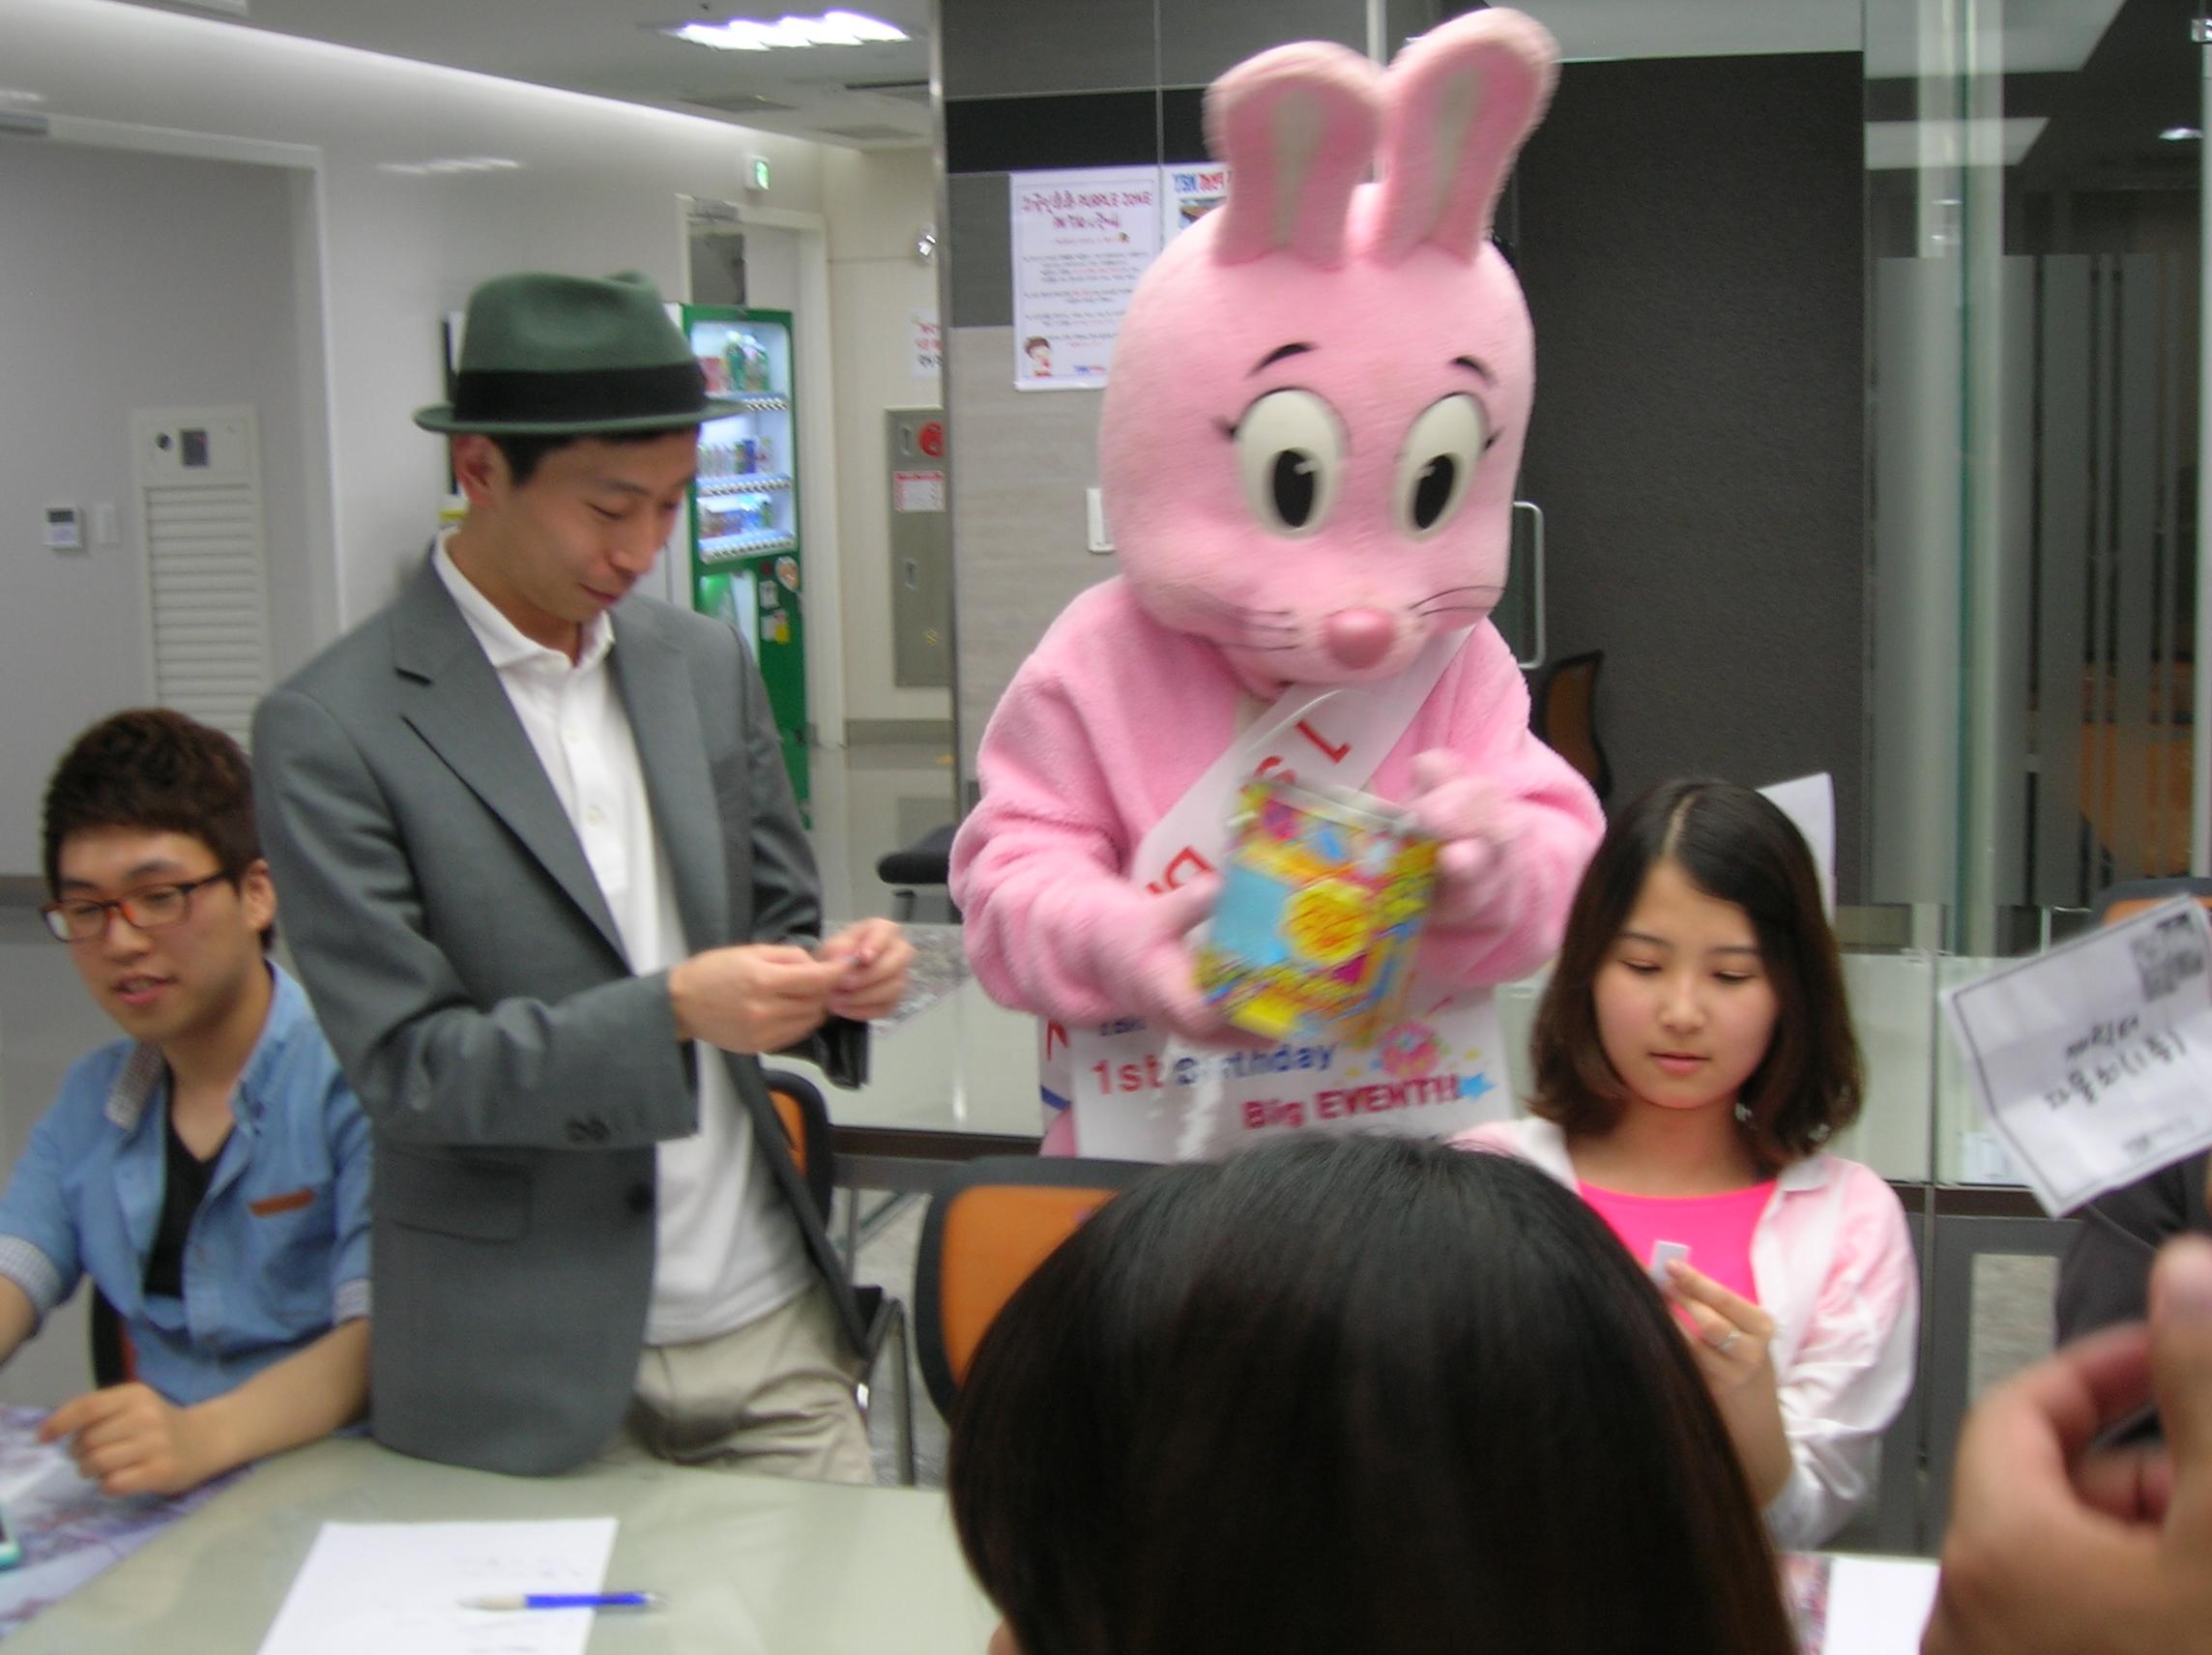 토끼와 곰돌이가 상품을 마구마구 뿌렸답니다 ^^